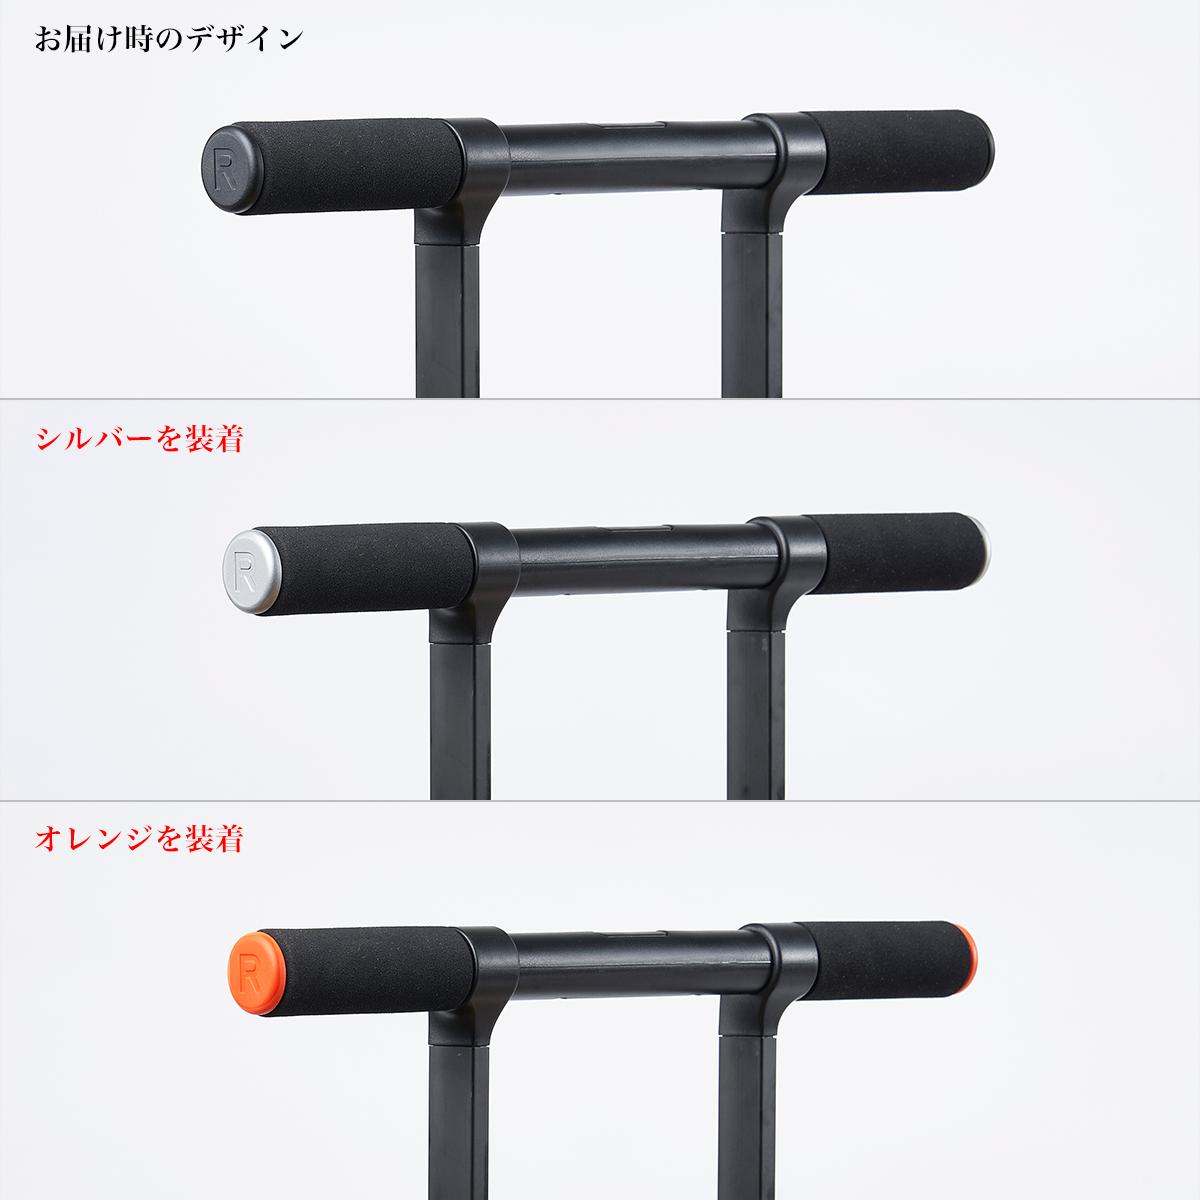 R TRUNK LITE|愛用スーツケースを好きな配色にカスタマイズ!TTハンドルの横顔を気分に合わせて付替えできる「ハンドル用キャップ」|RAWROW